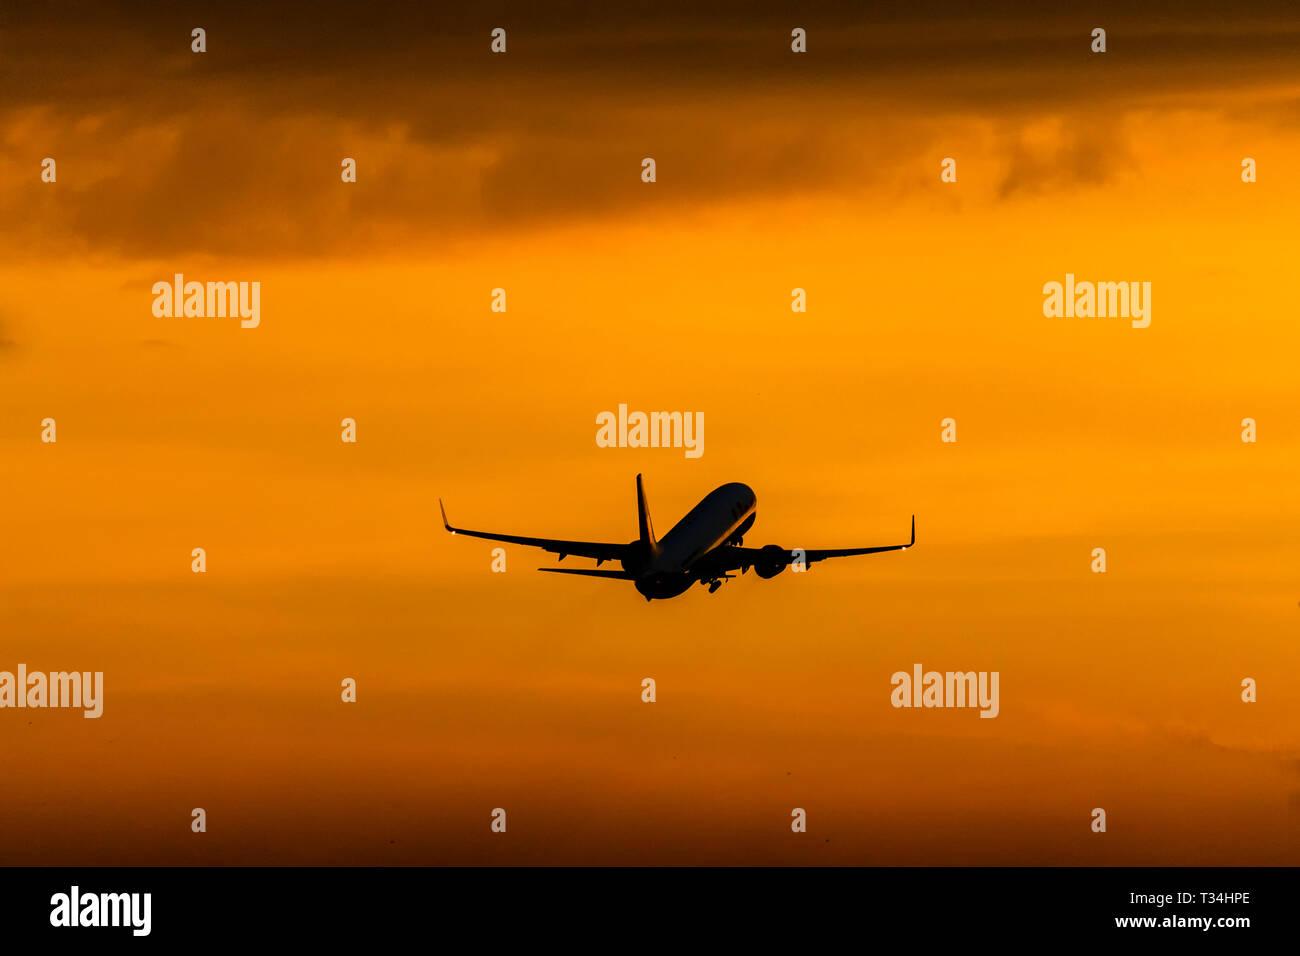 Bei Sonnenuntergang startende Flugzeuge Stockbild